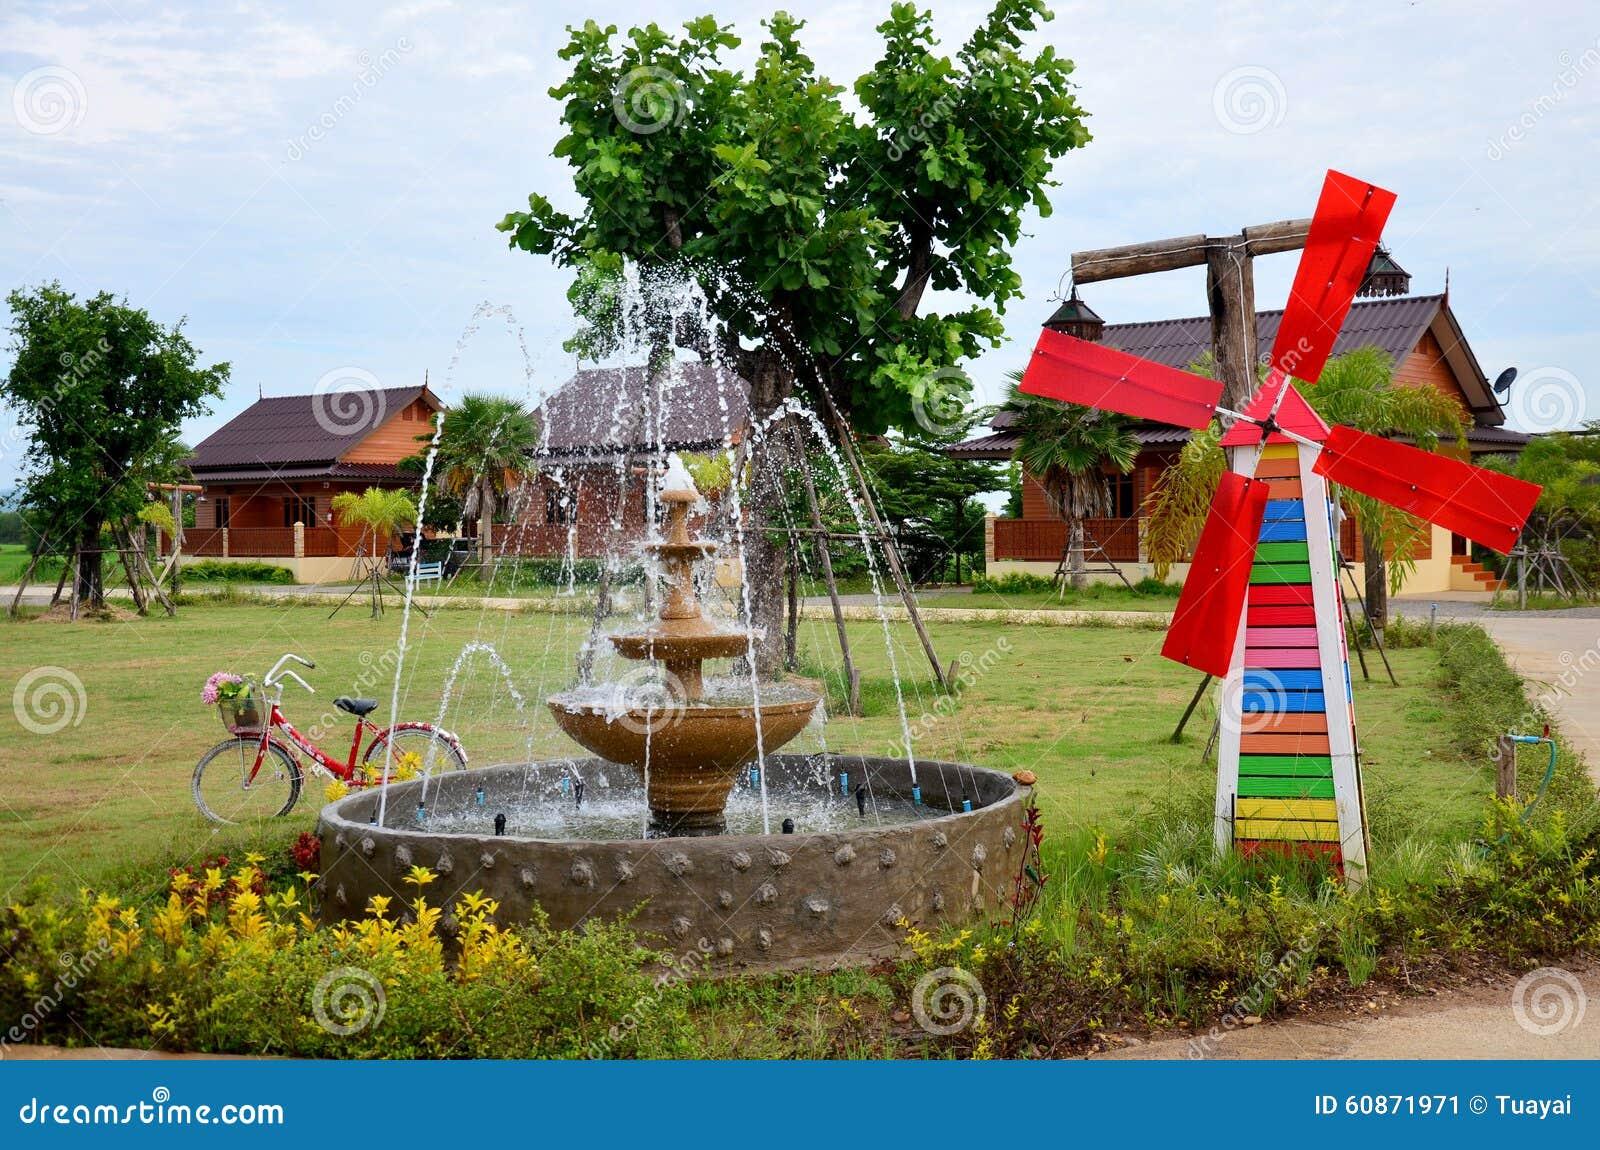 Decoratie van het tuinieren speldwiel of windmolen en fontein in ga stock afbeelding - Decoratie van toiletten ...